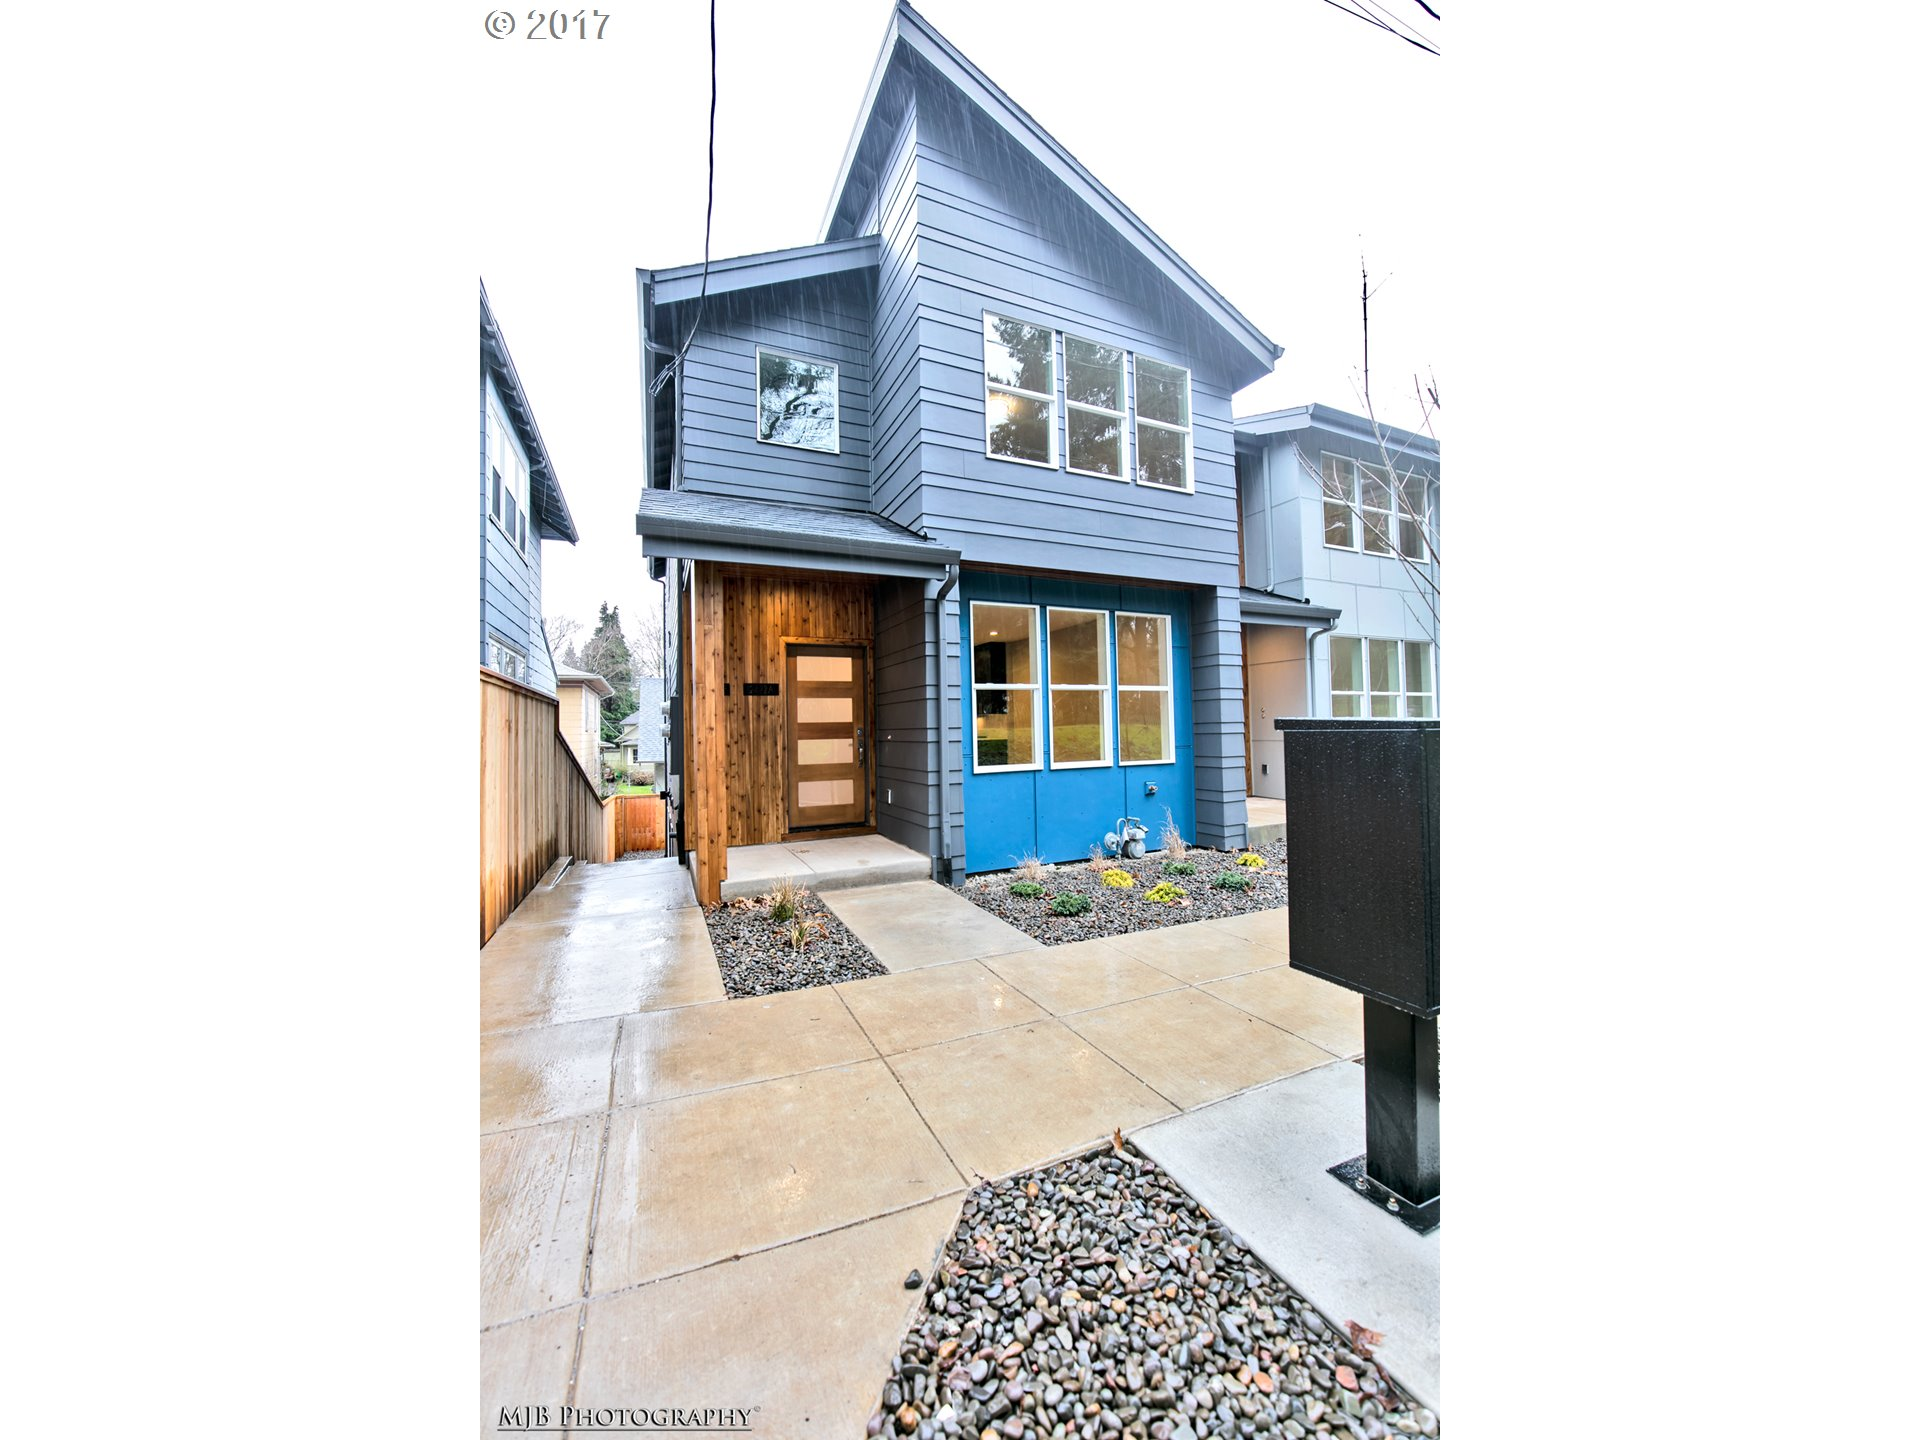 2422 SE MORRISON ST, Portland, OR 97214